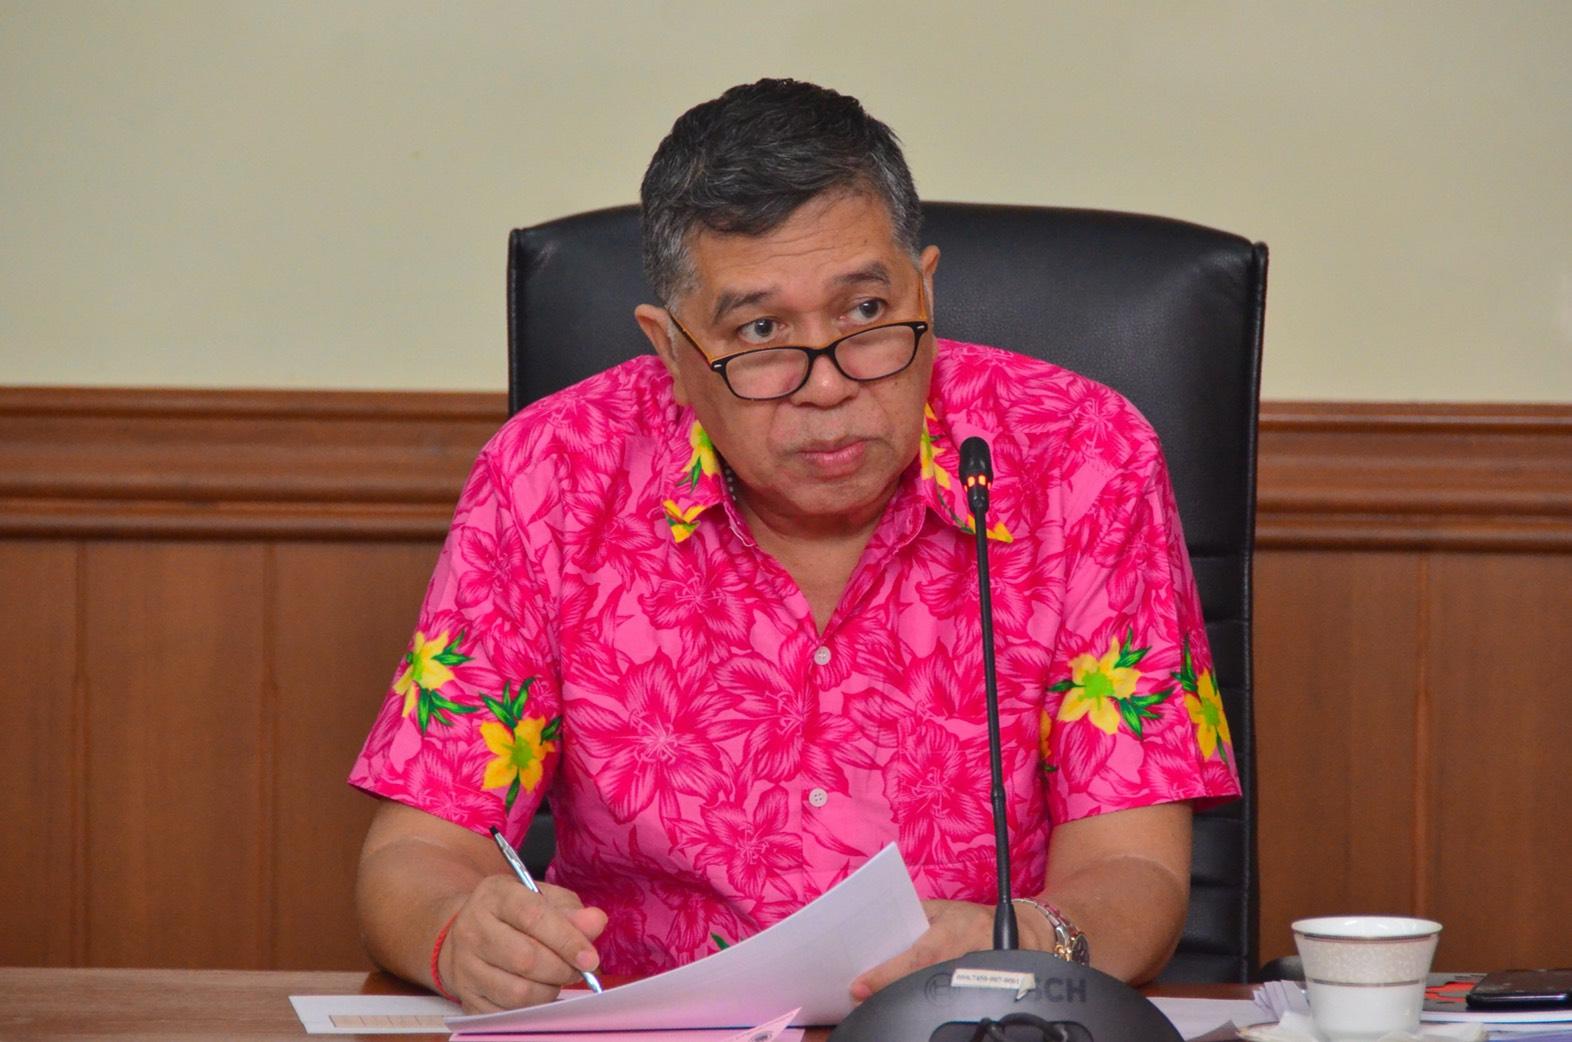 นายสมบัติ นิเวศรัตน์ รองอธิบดีกรมการจัดหางาน เป็นประธานการประชุมแนวทางการดำเนินการกรณีแรงงานต่างด้าวยื่นคำขอภายในวันที่ 31 มีนาคม 2561 ณ ห้องประชุม เทียน อัชกุล ชั้น 10  กรมการจัดหางาน